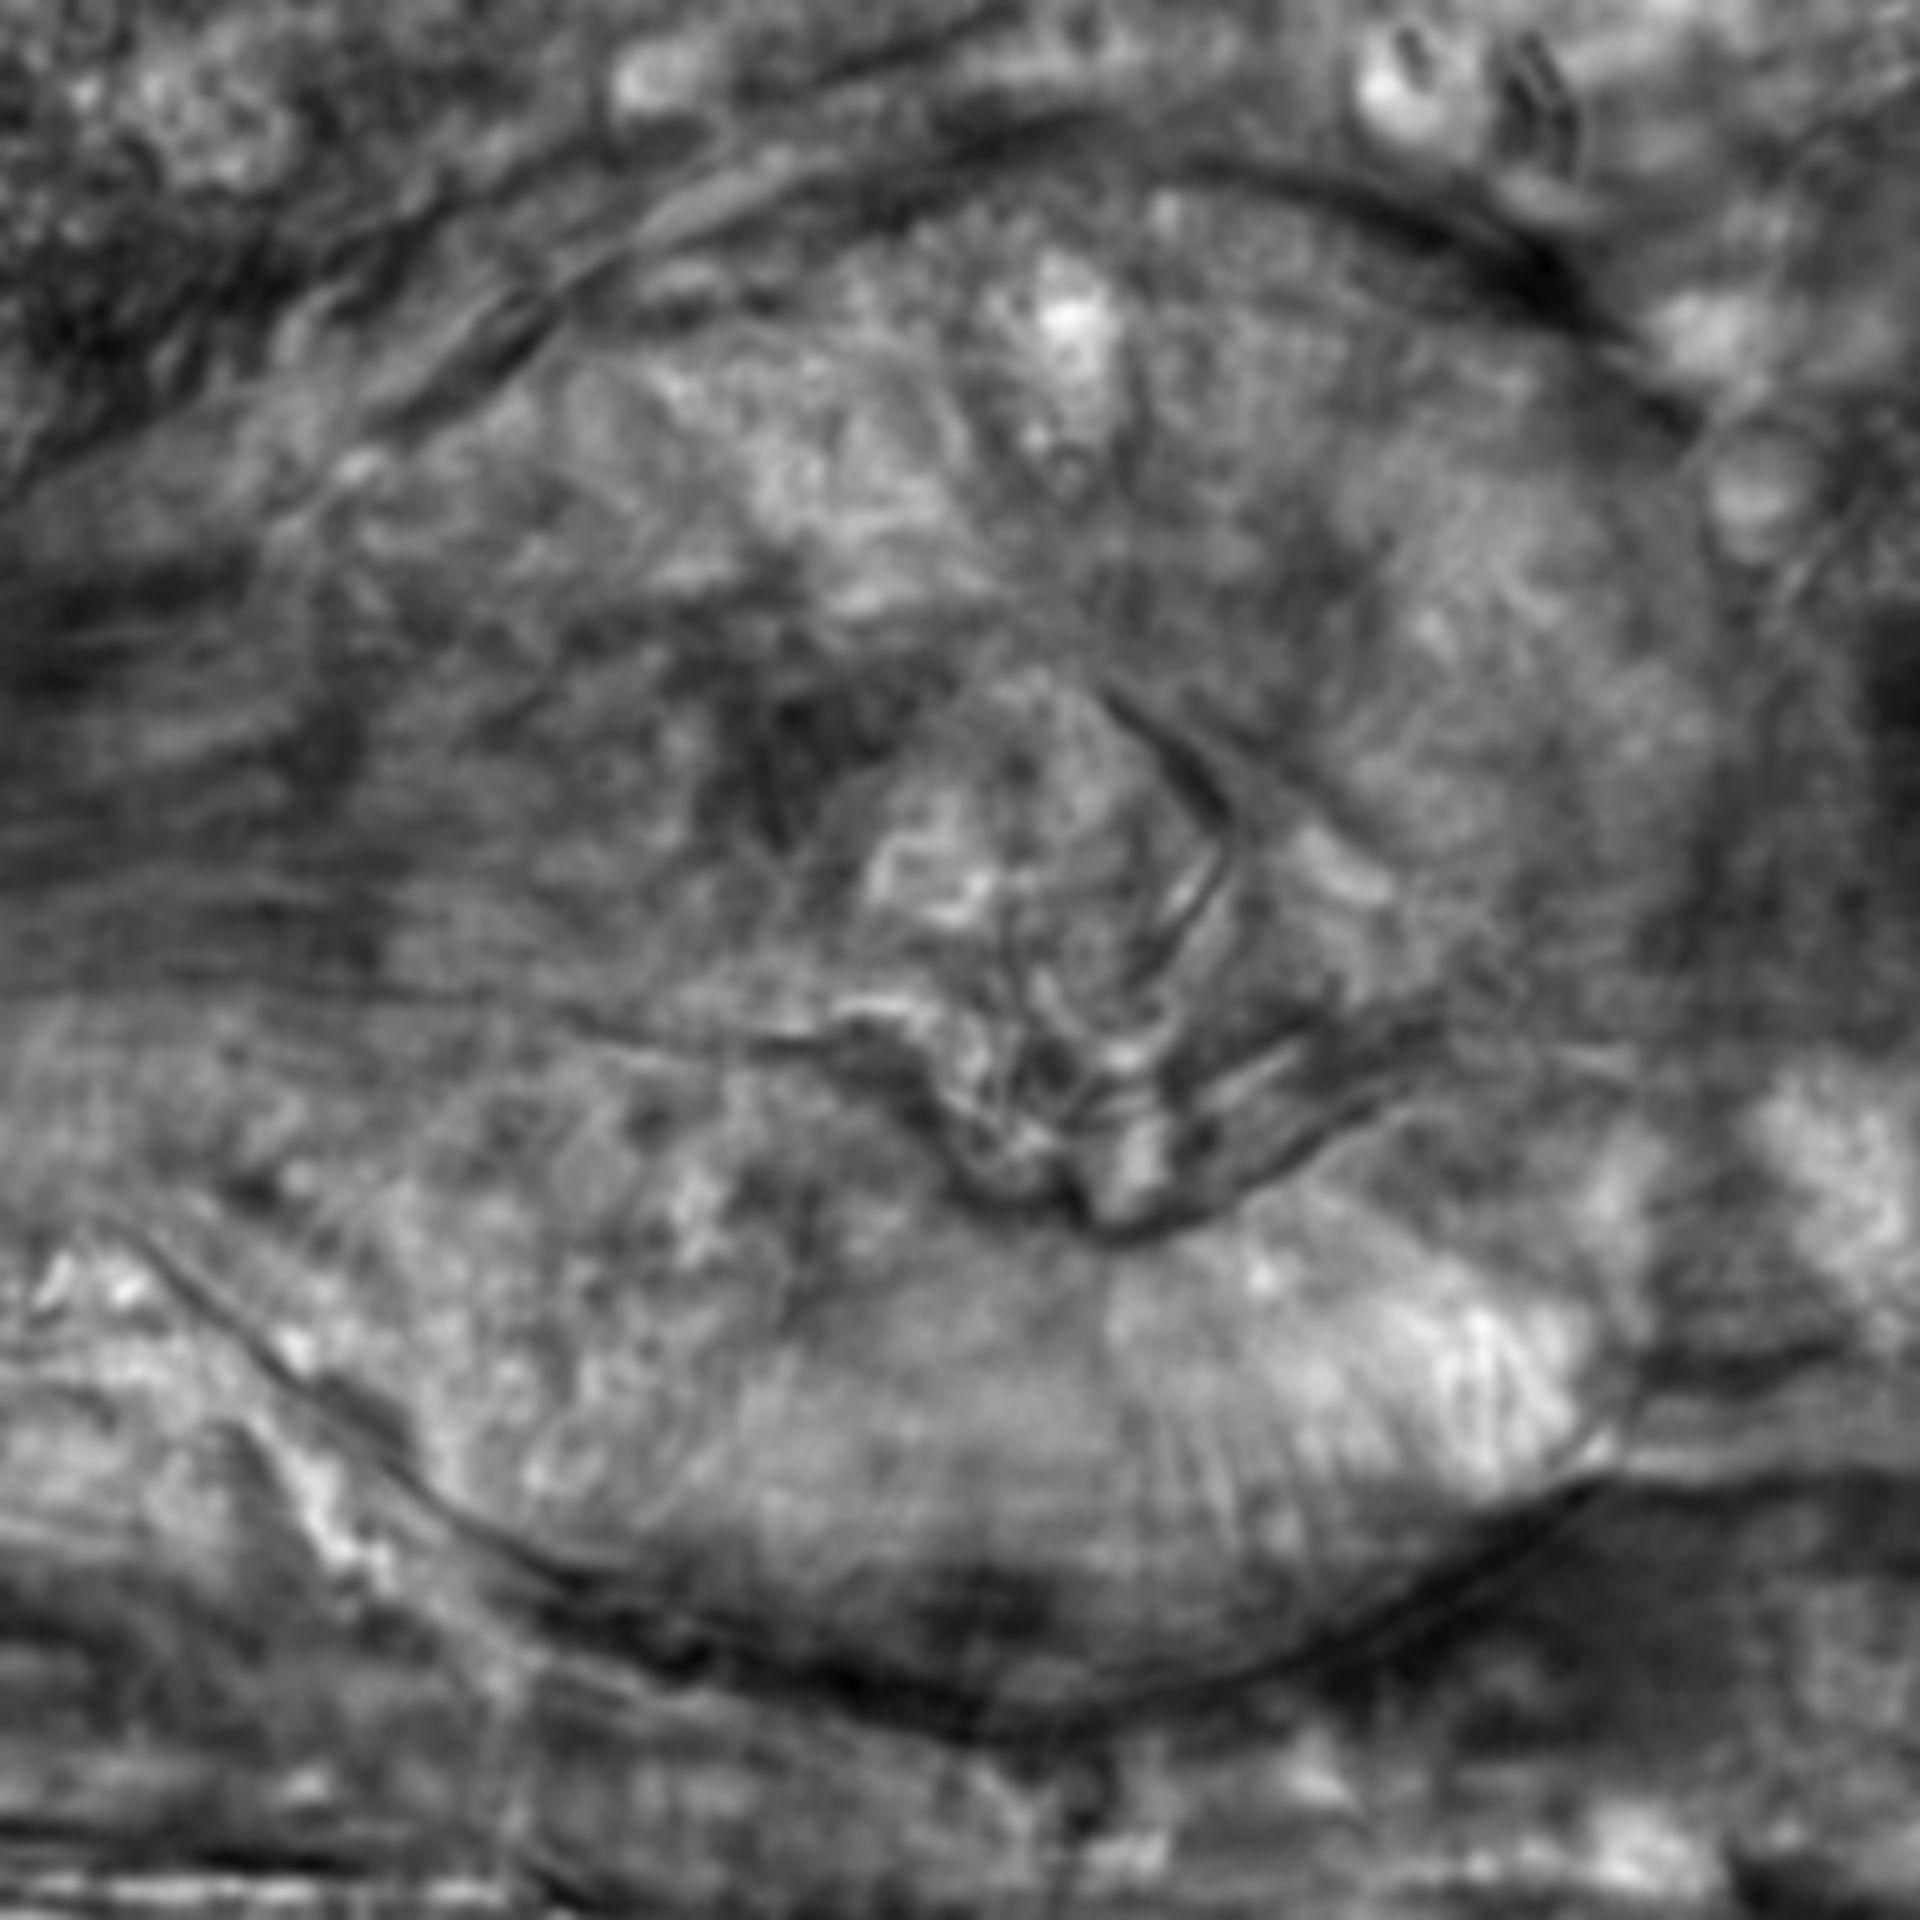 Caenorhabditis elegans - CIL:2844